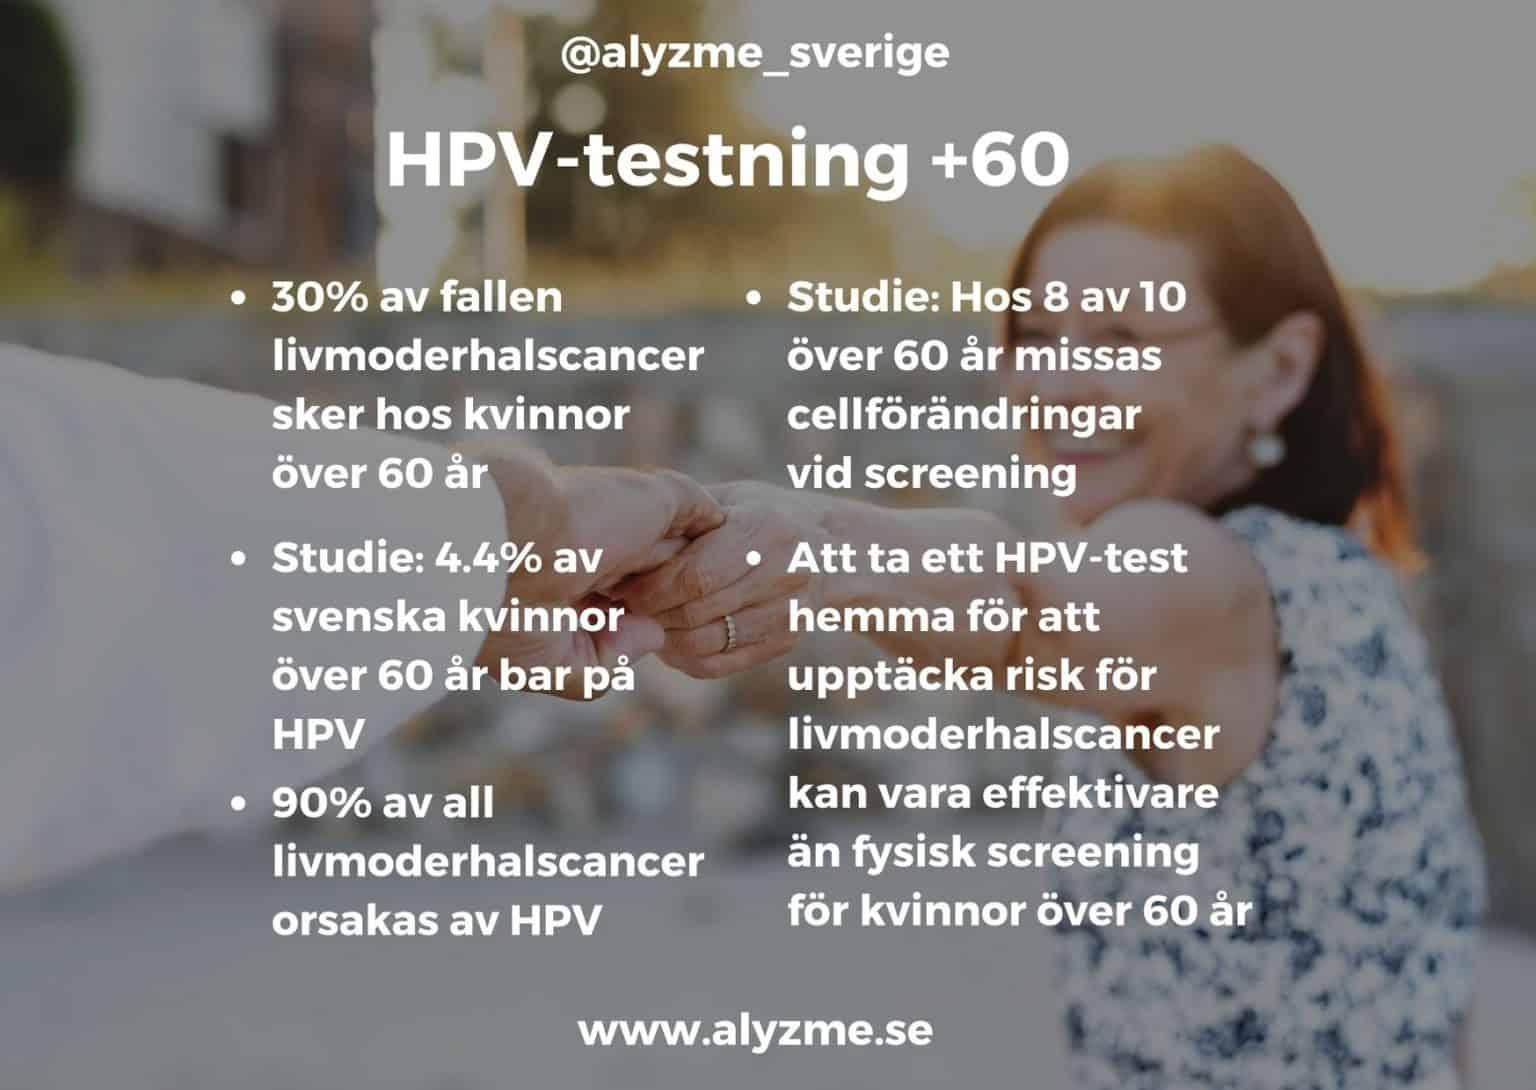 Självtest HPV-test livmoderhalscancer cancertest cellförändringar